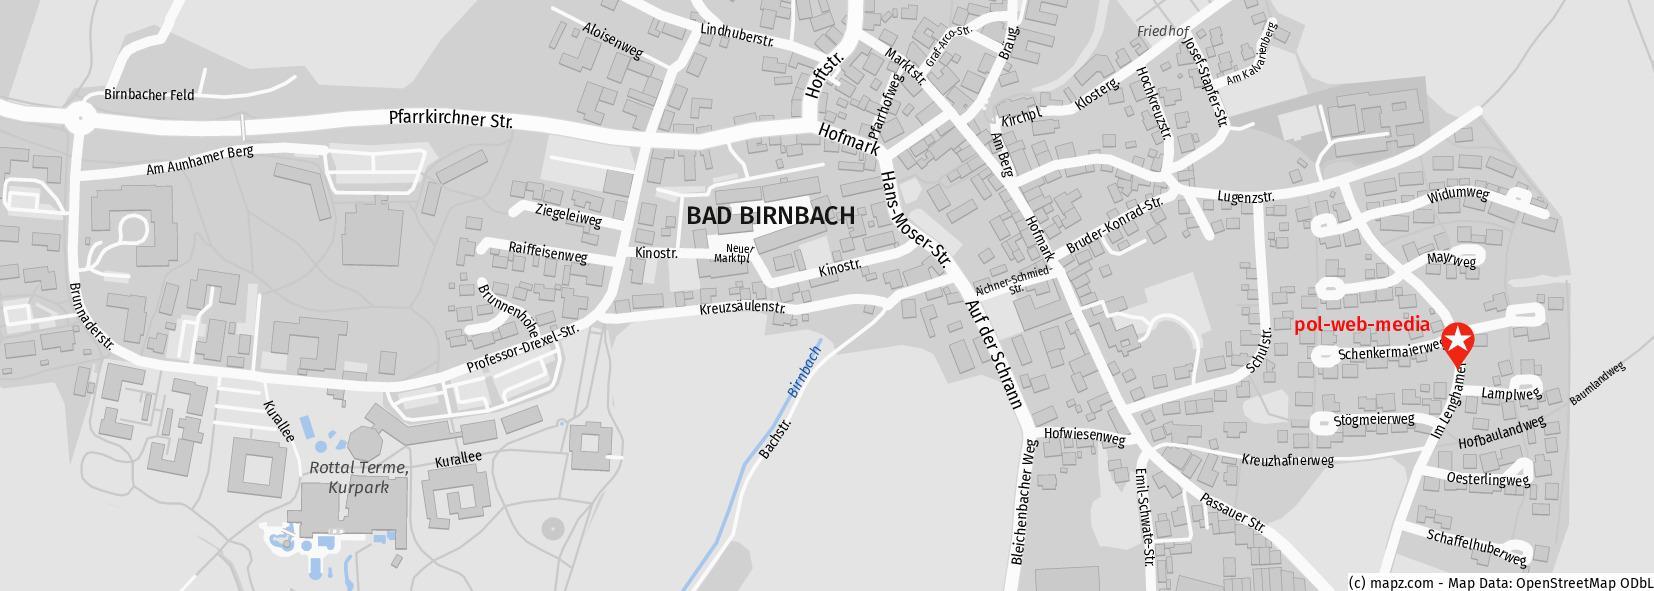 mapz Bad Birnbach pol web media